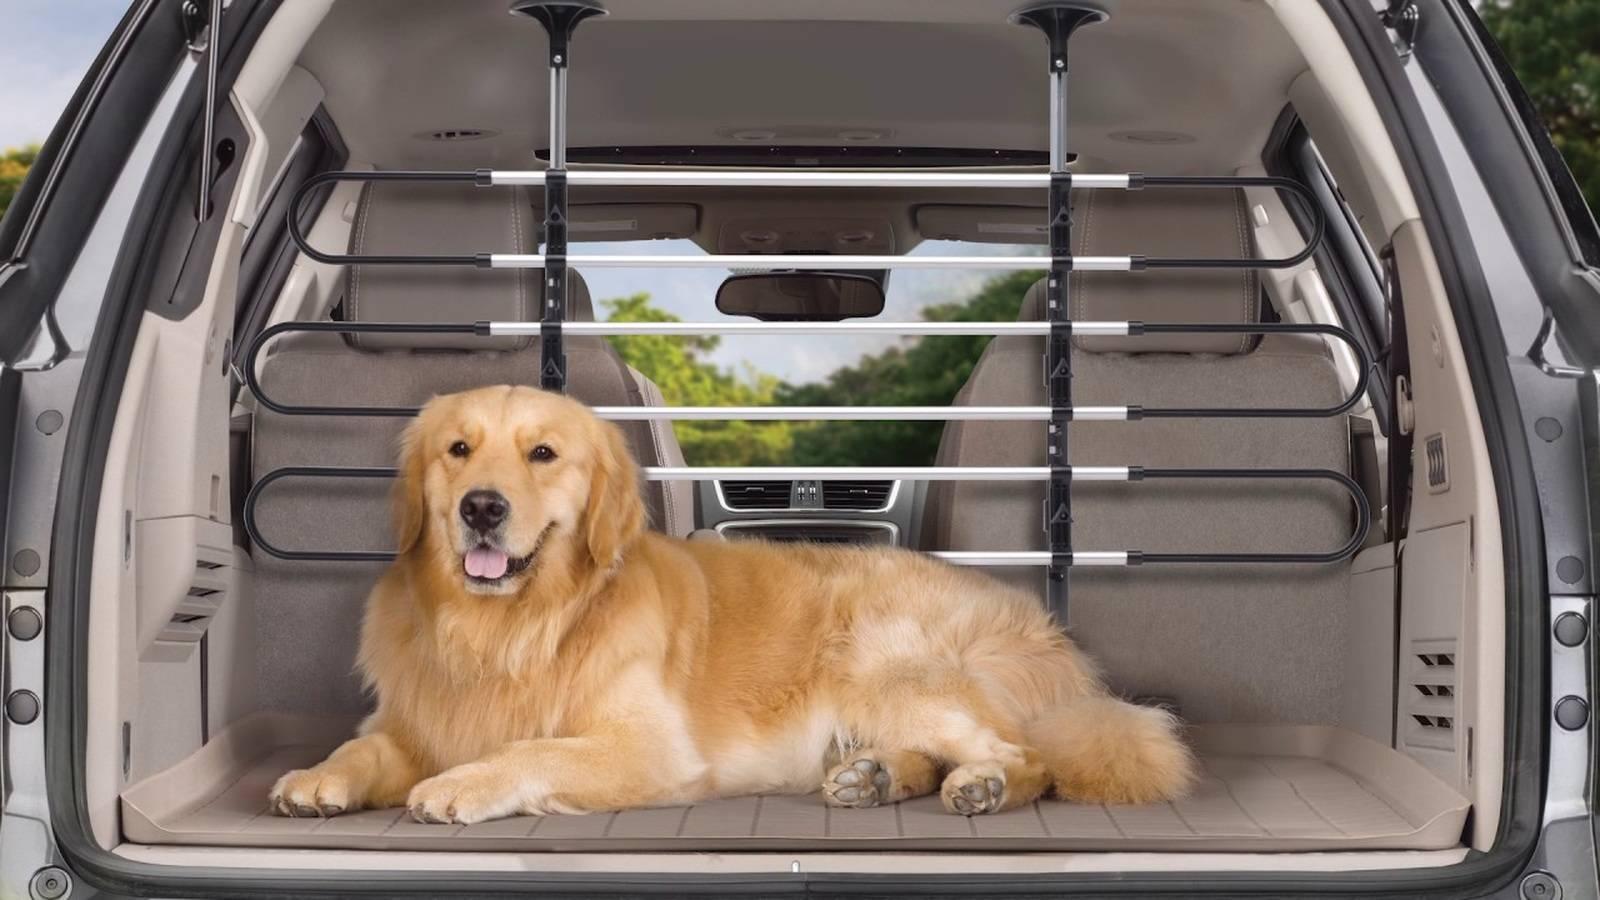 Как перевозить собаку в машине?: автогамак и клетки, чехлы и переноски в машину, с помощью которых можно перевозить собак